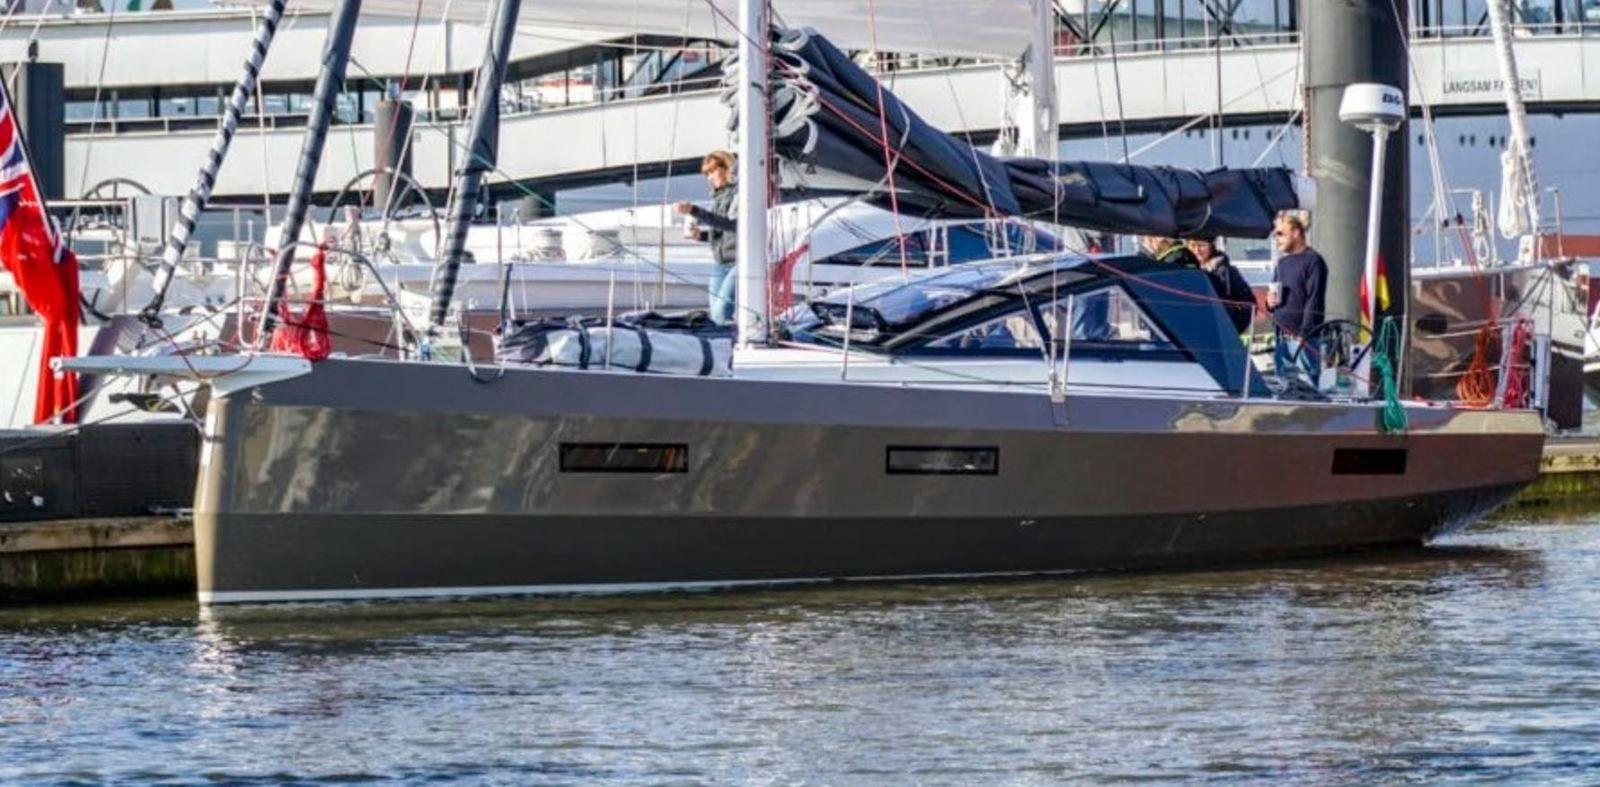 Voile - le chantier allemand Bente Yachts en faillite